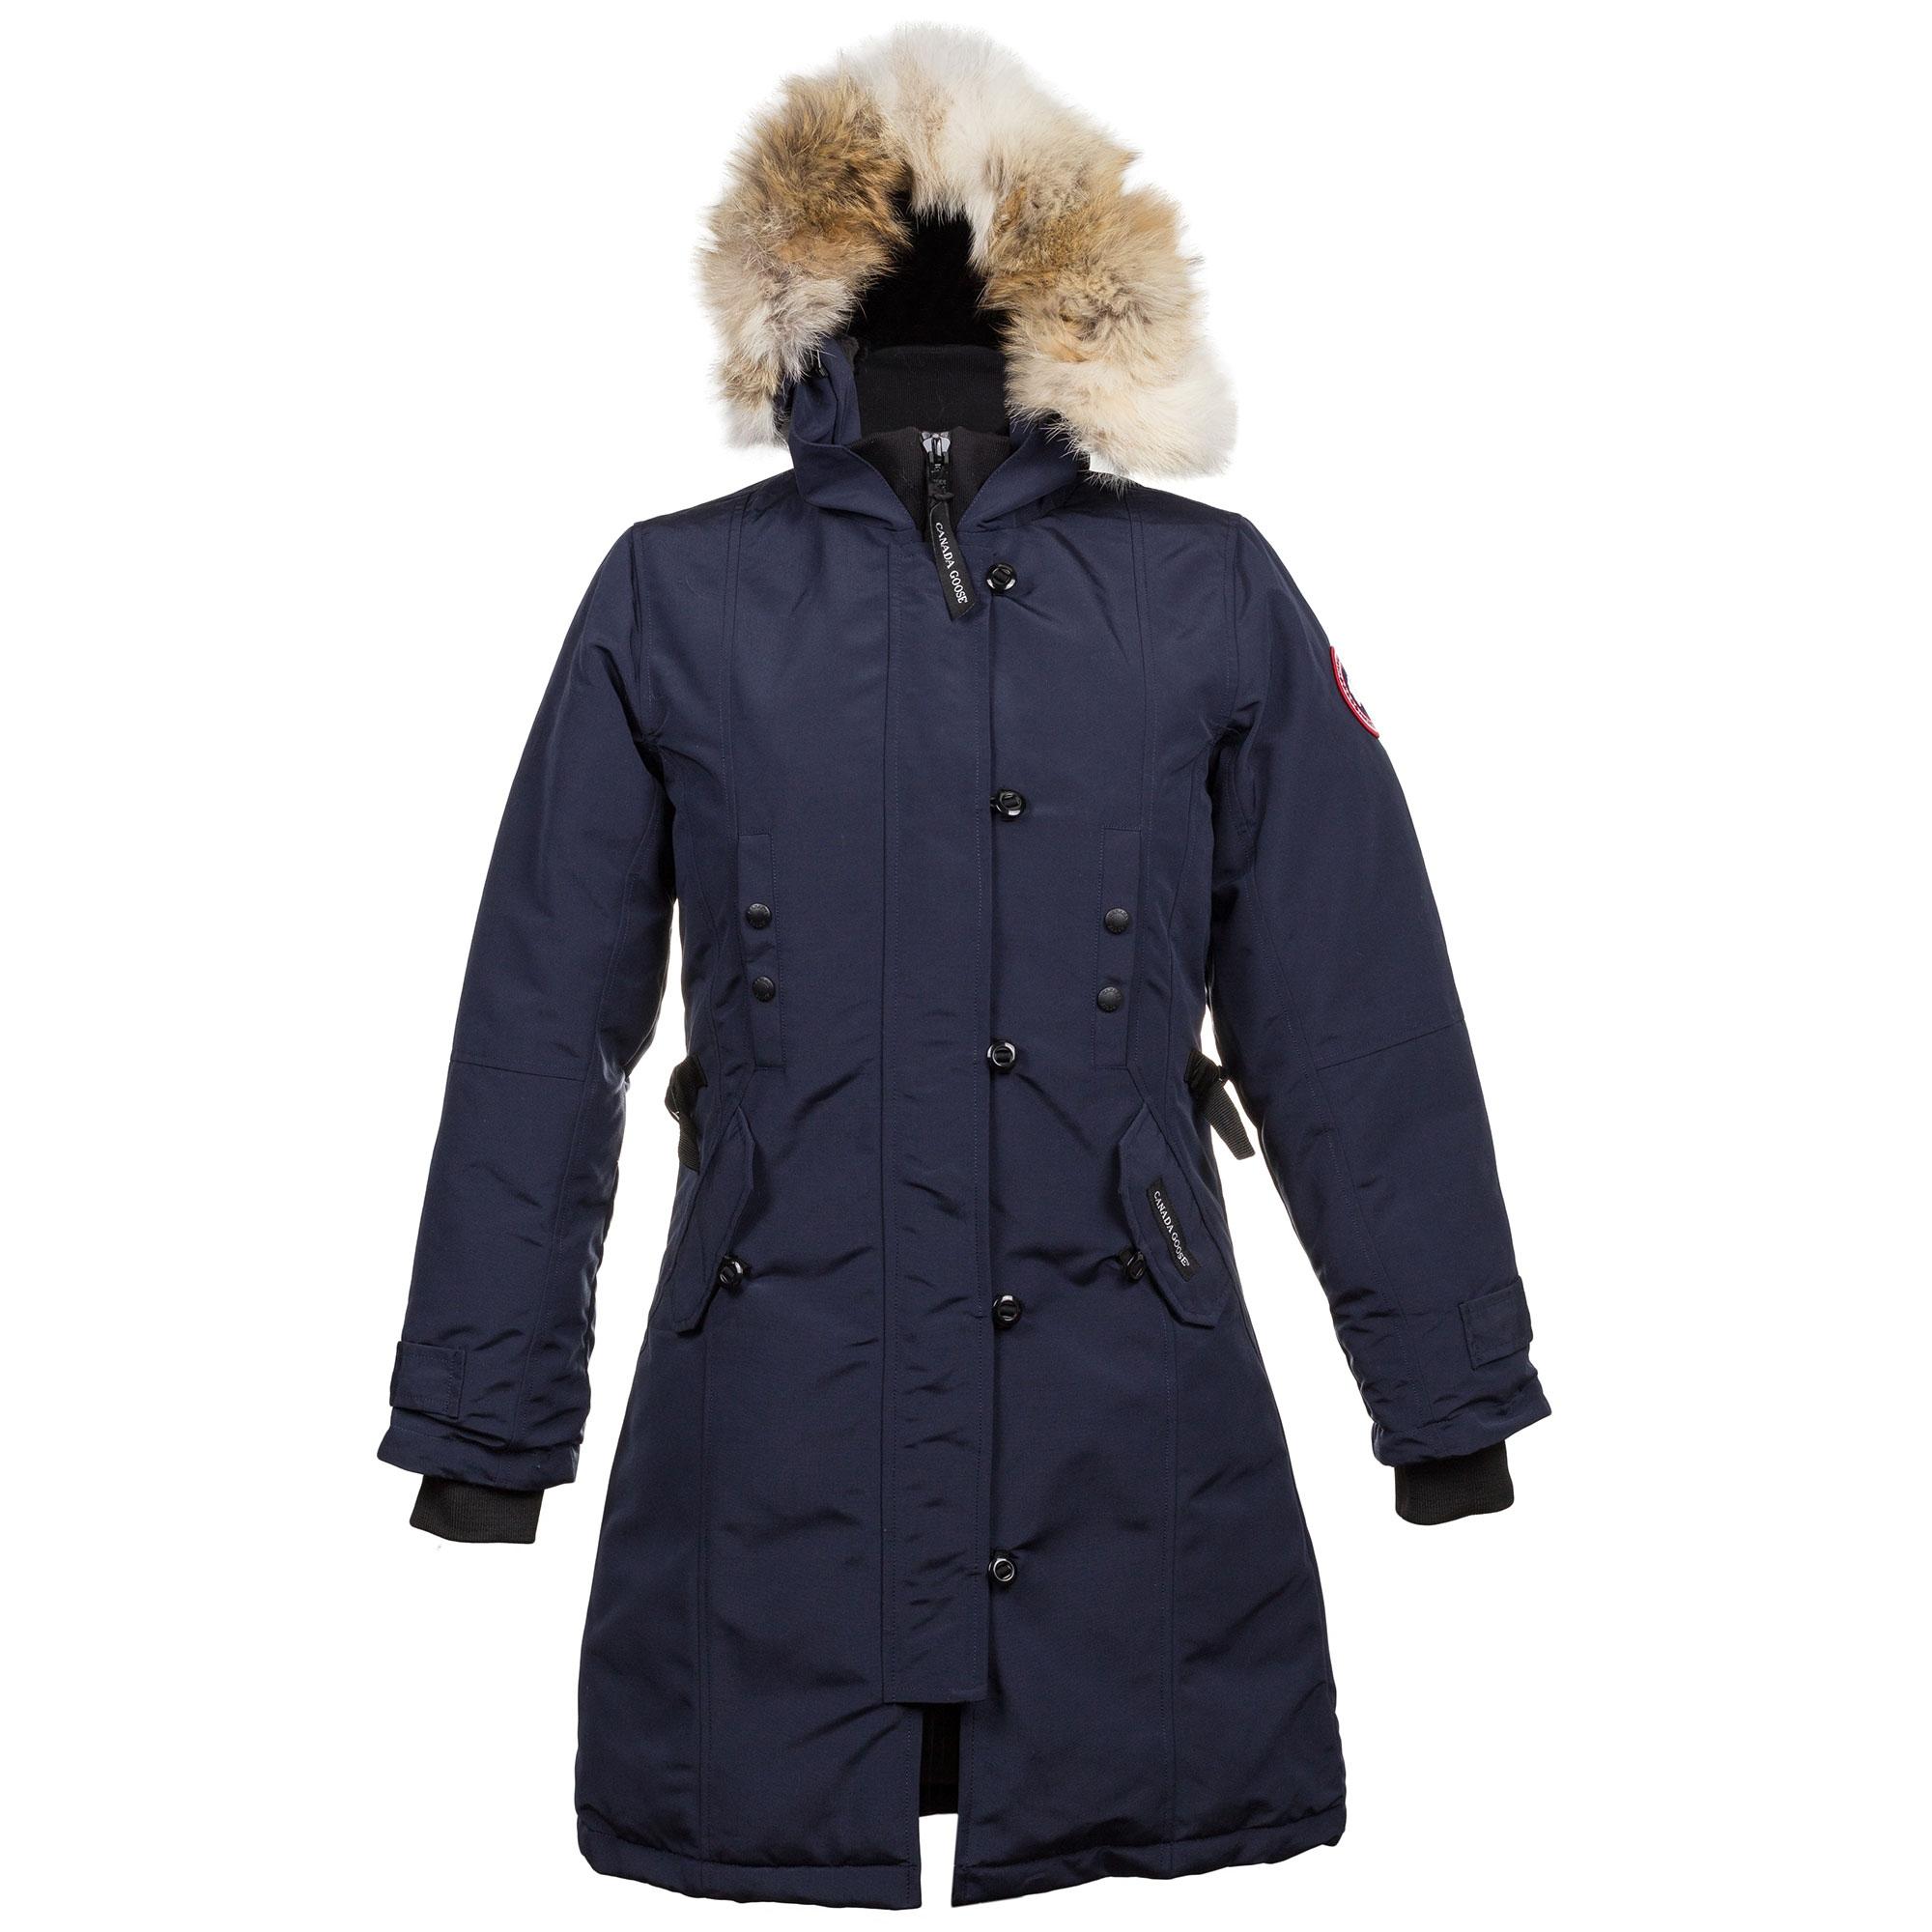 e905e345c18f Купить синий теплый пуховик Canada Goose — в Киеве, код товара 12042